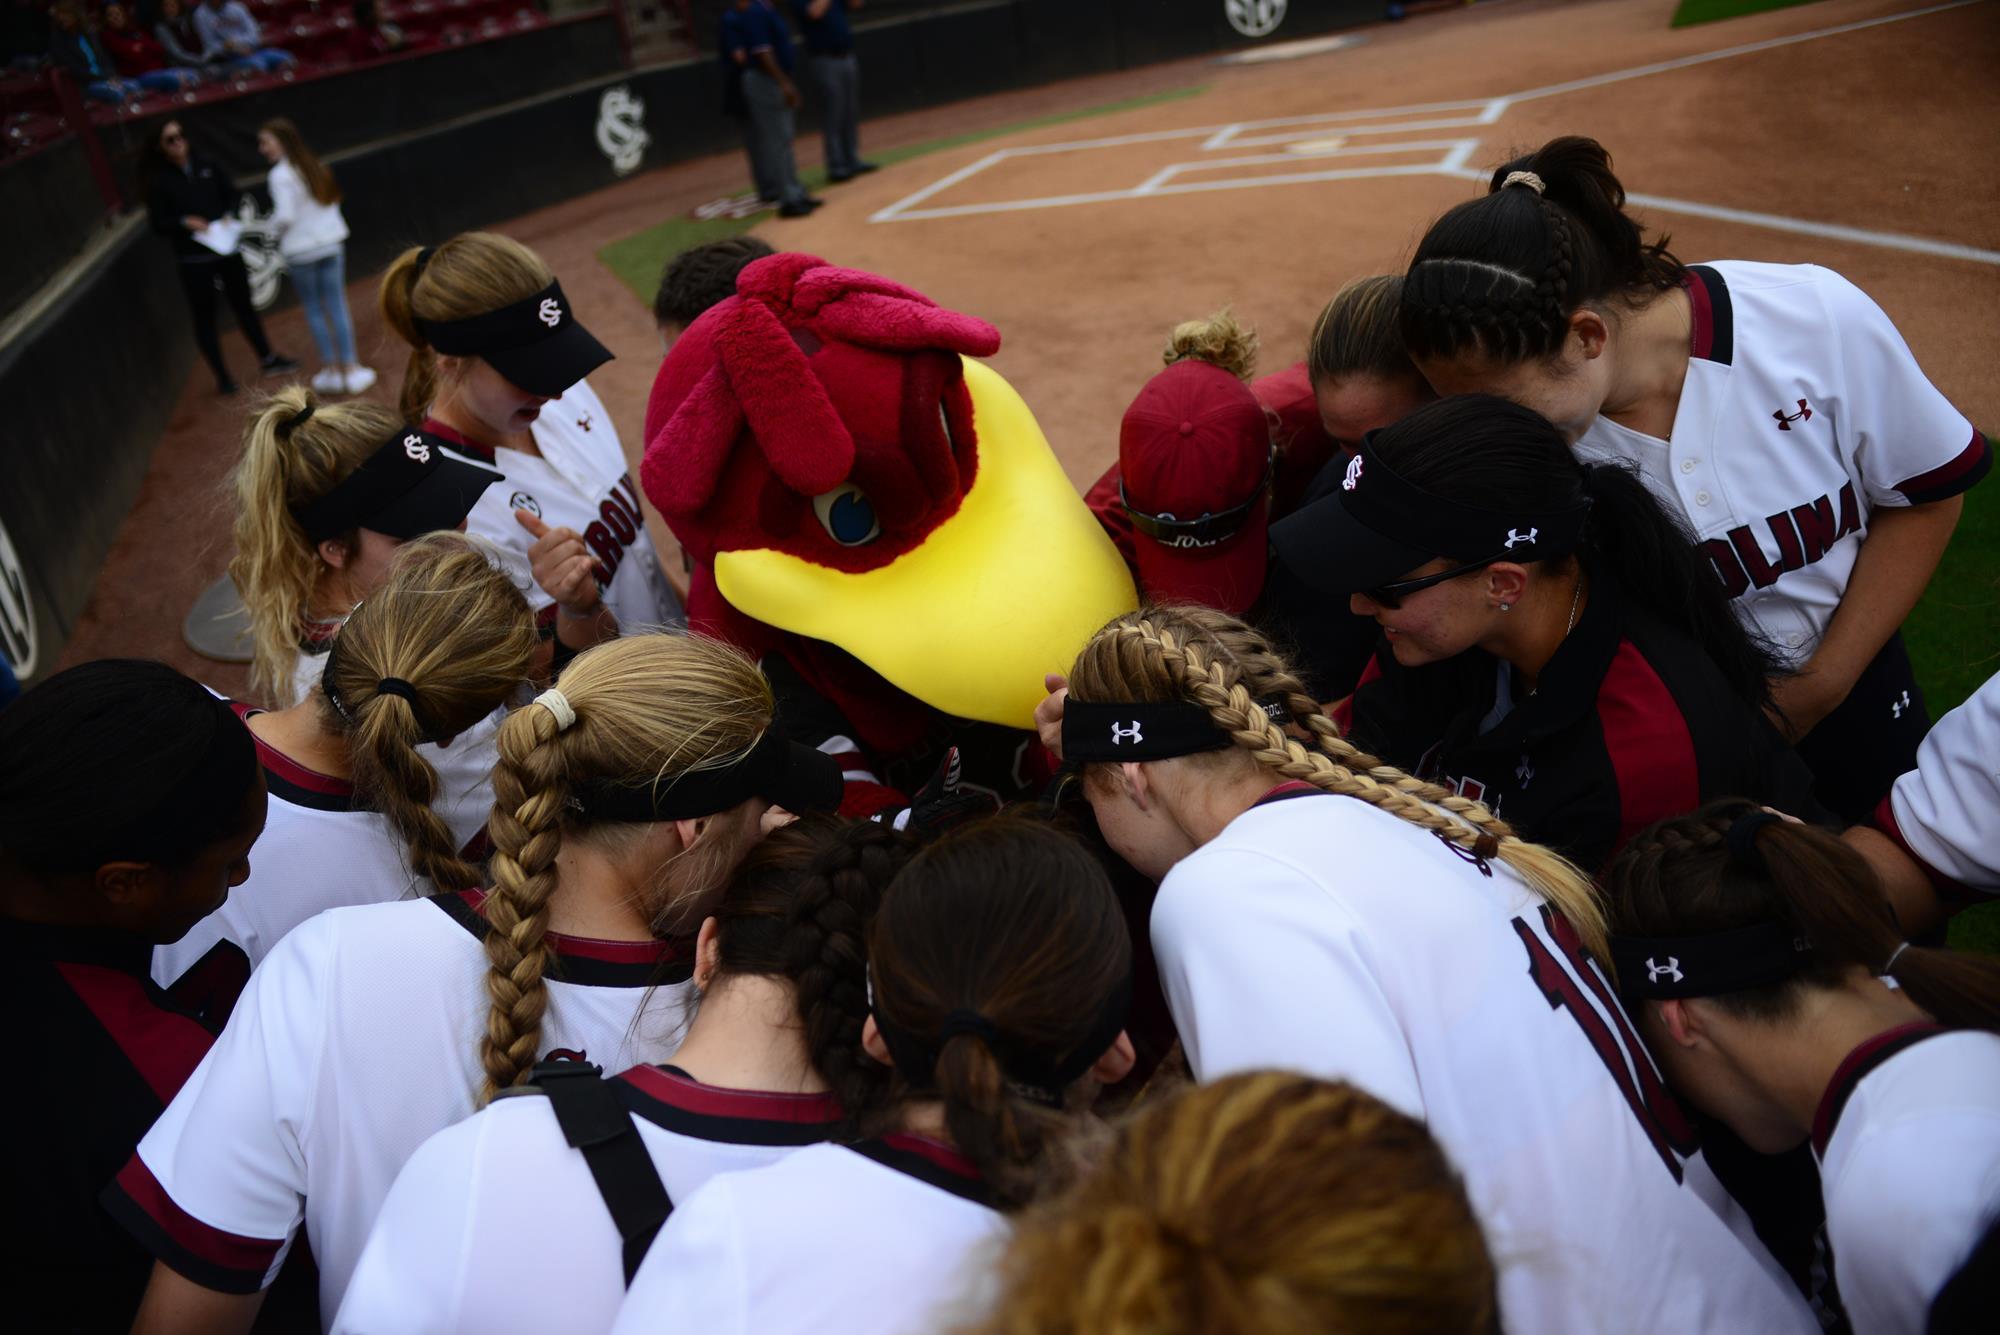 Dixie Raley - Softball - University of South Carolina Athletics